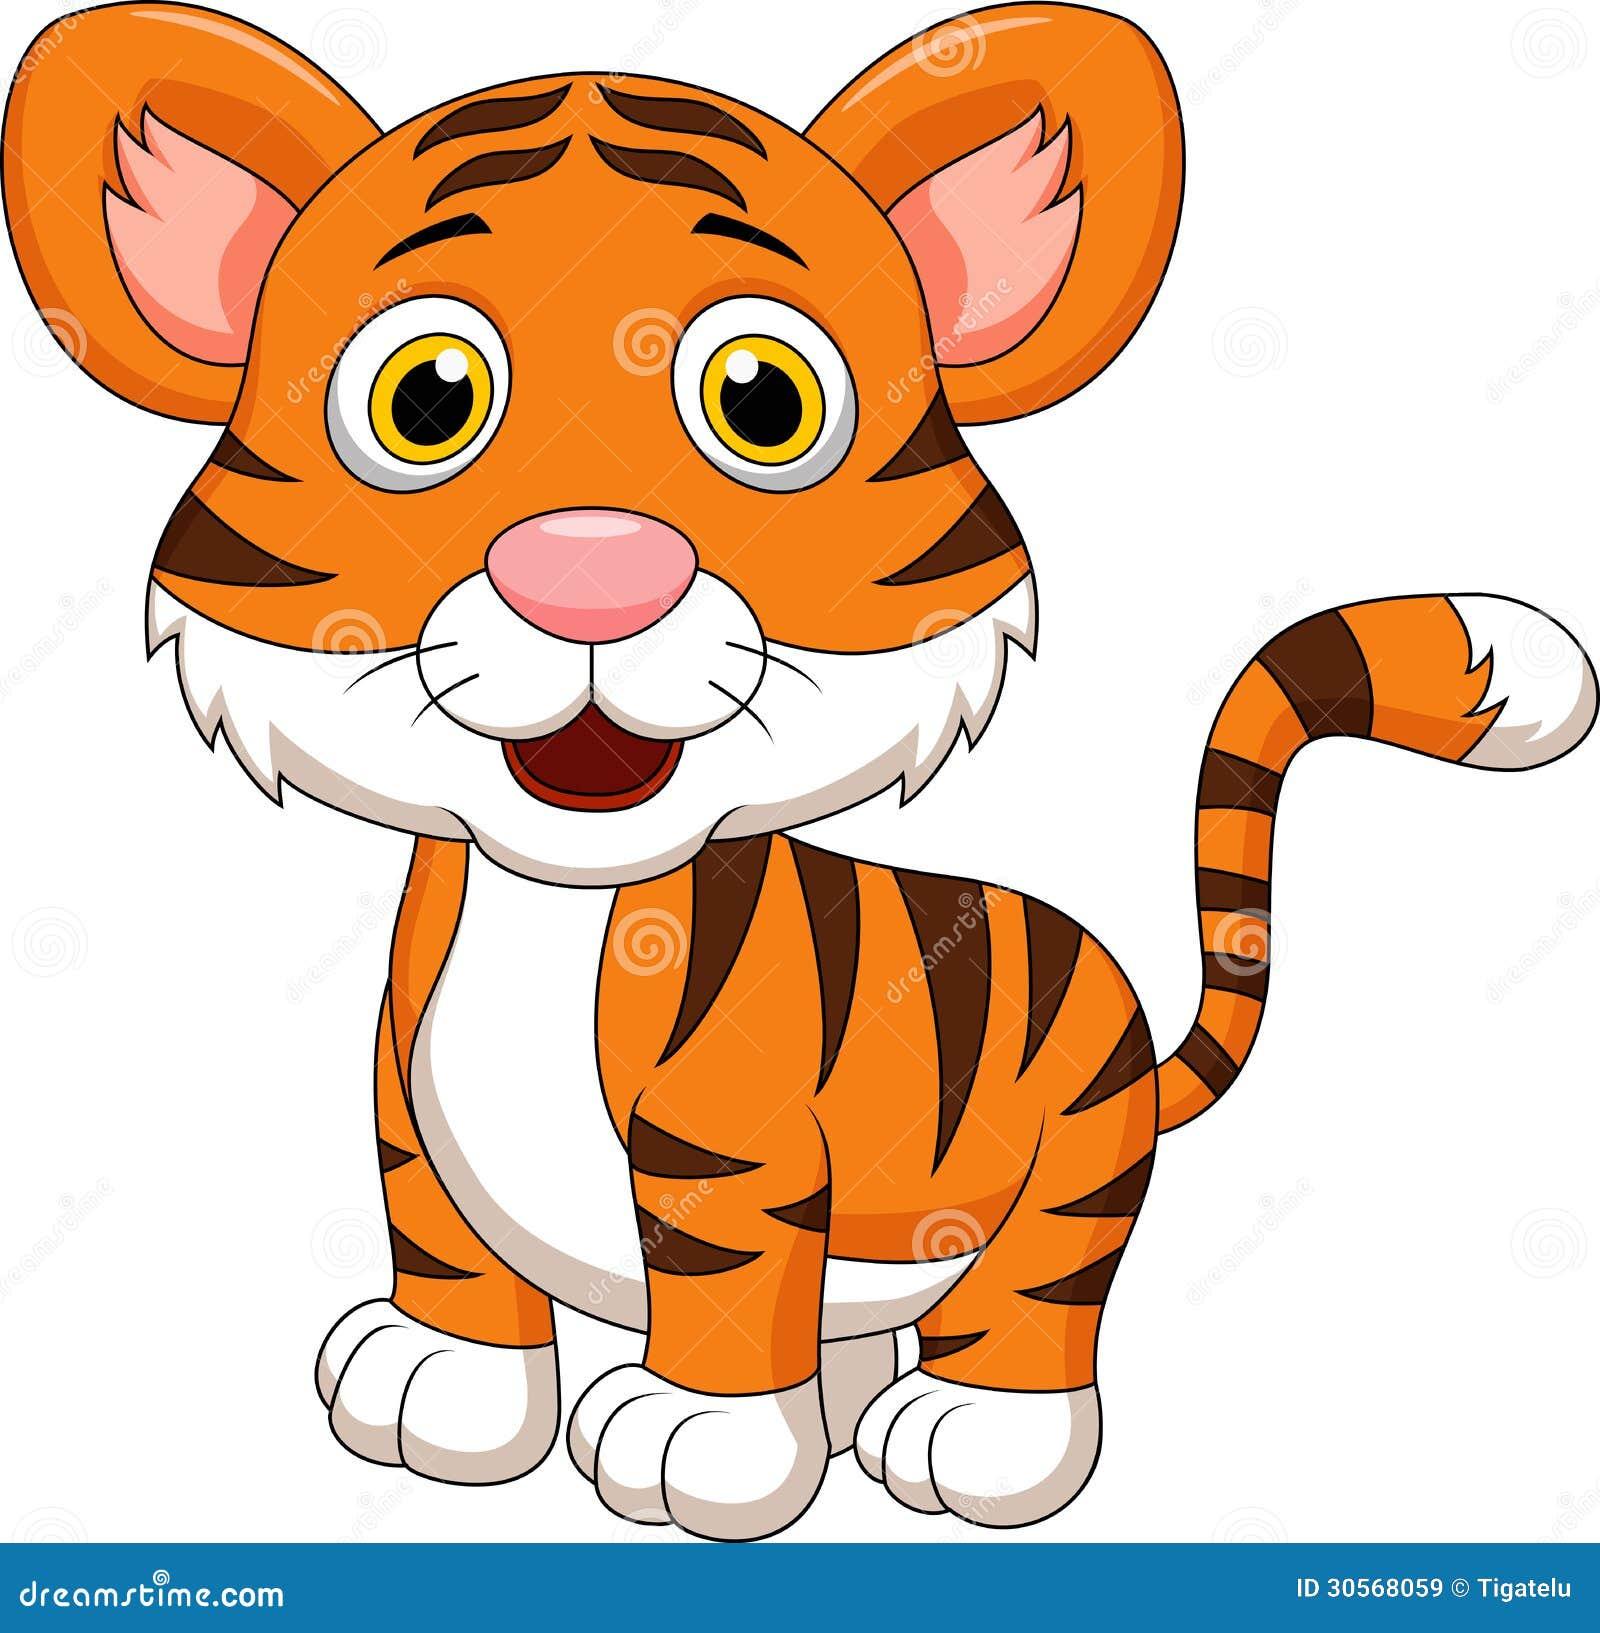 Cute baby tiger cartoon stock vector. Illustration of ...